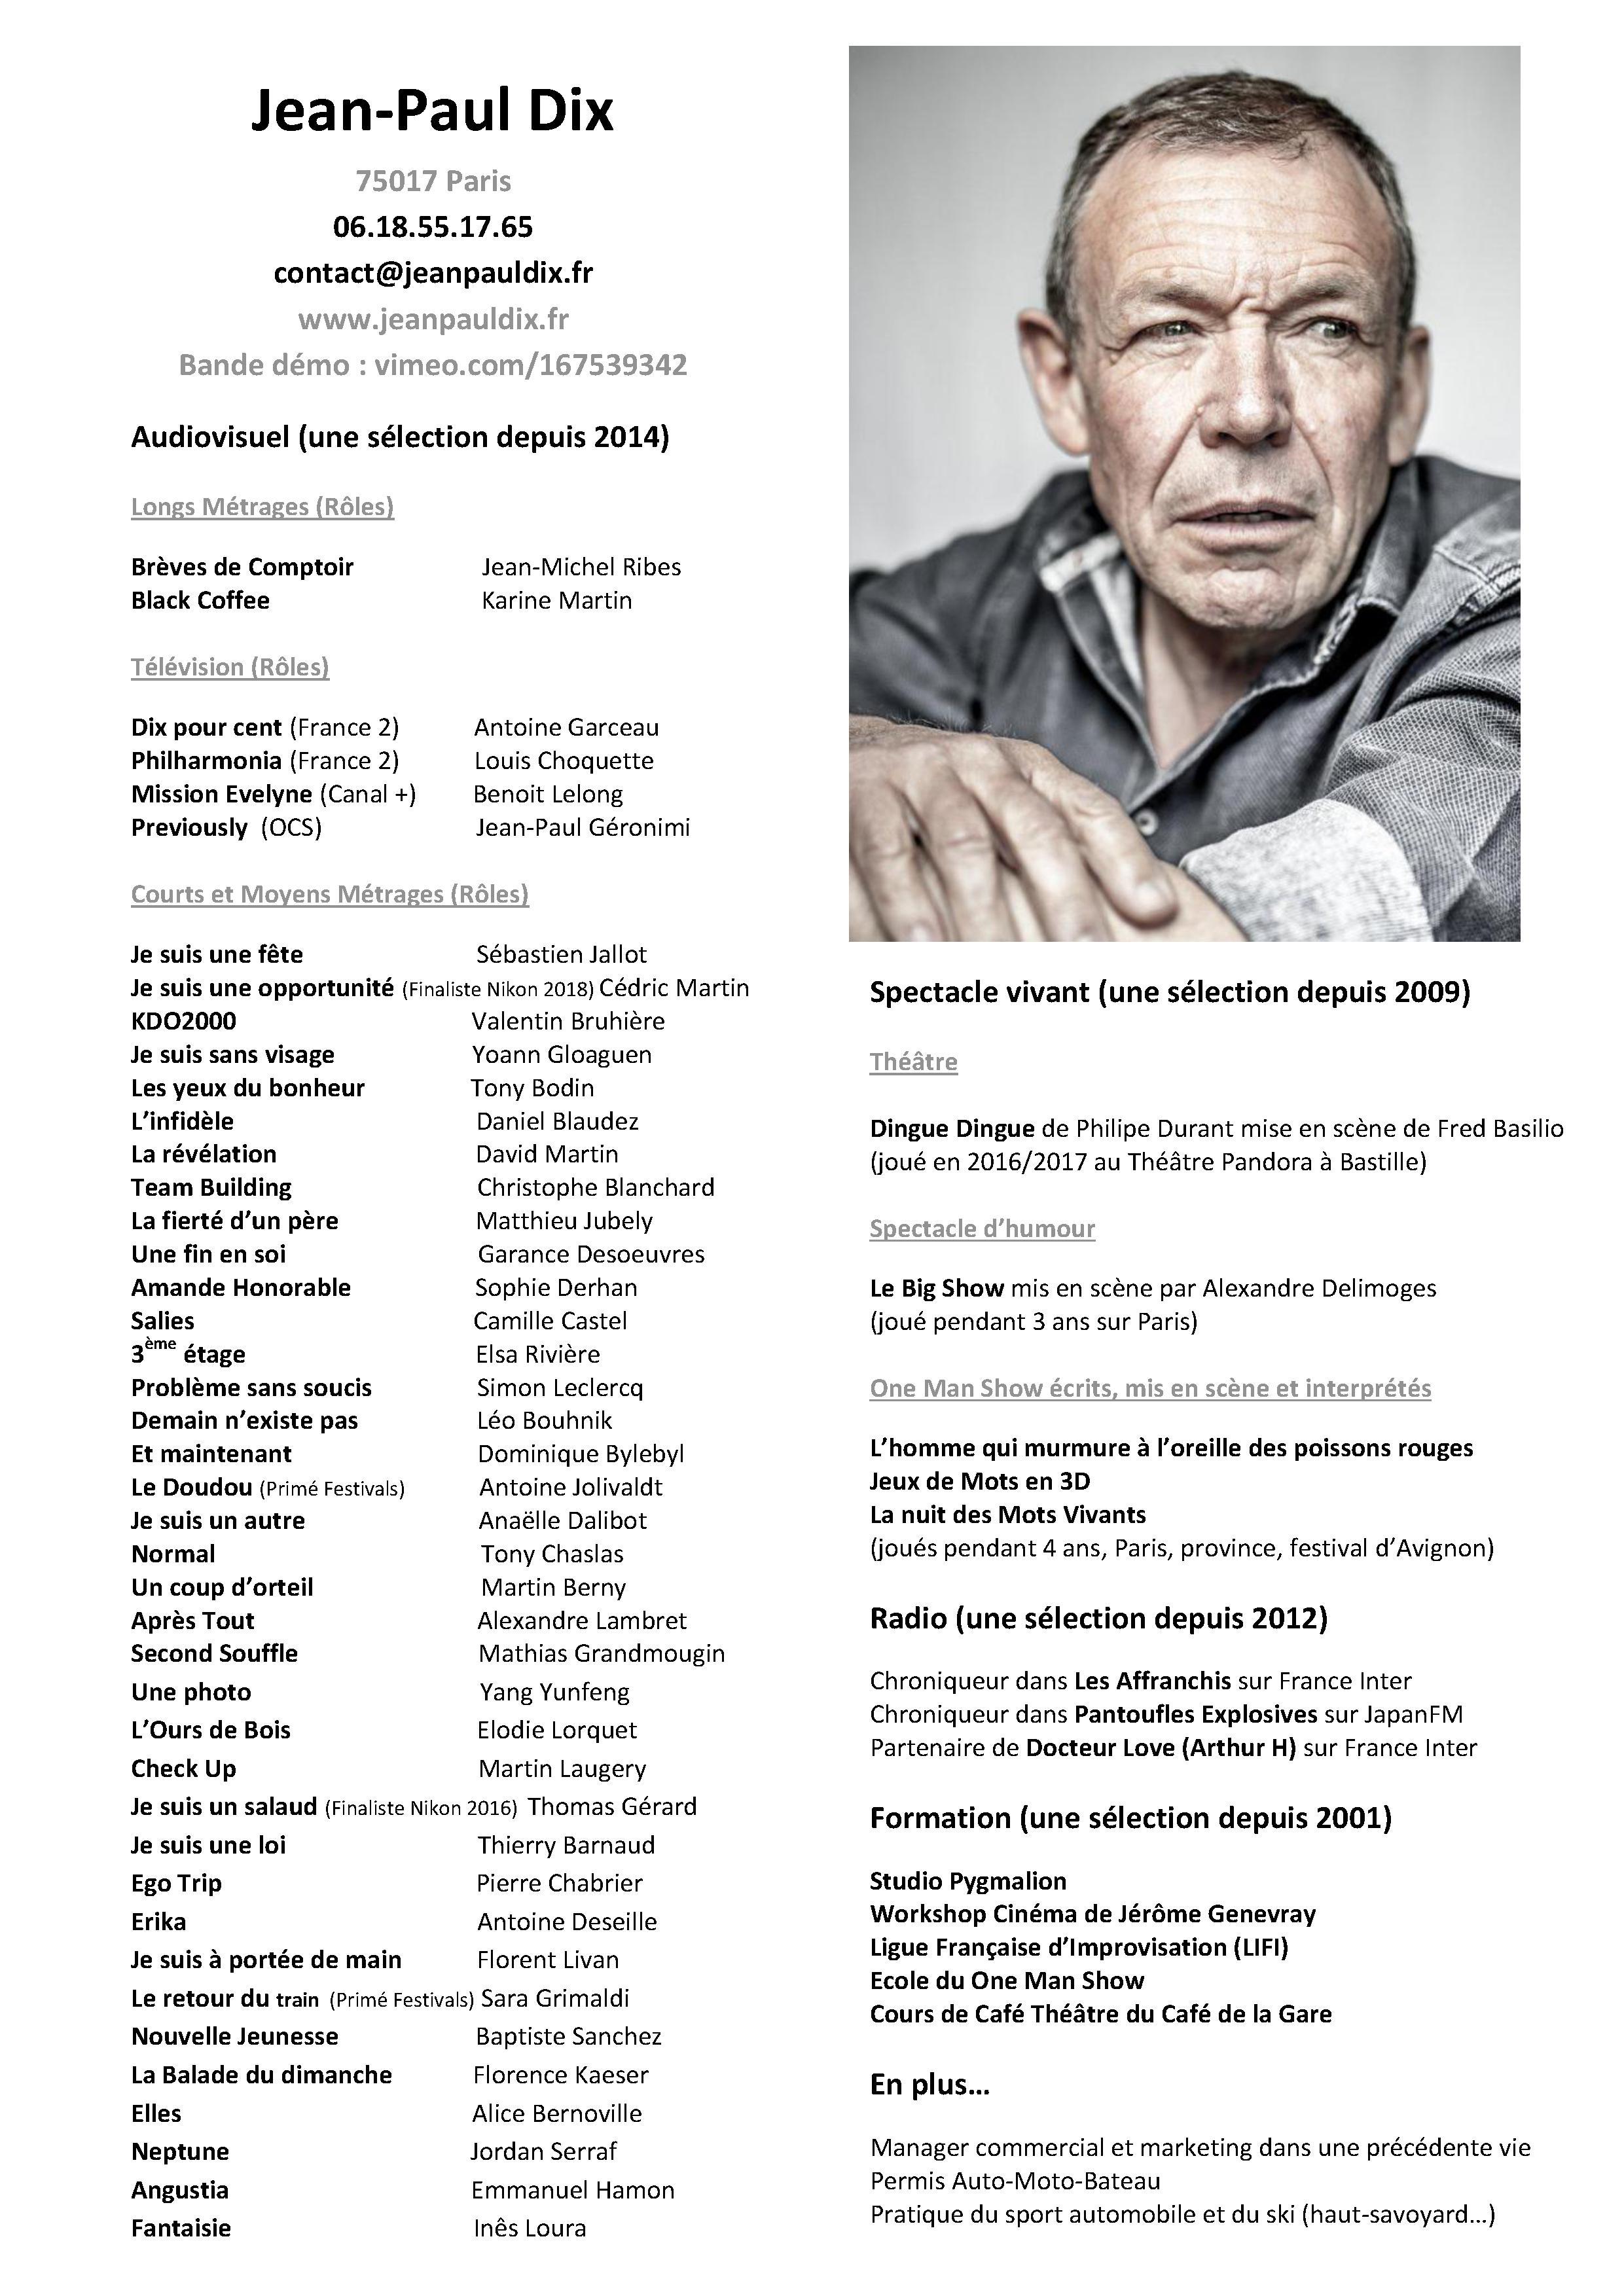 CV Jean-Paul Dix